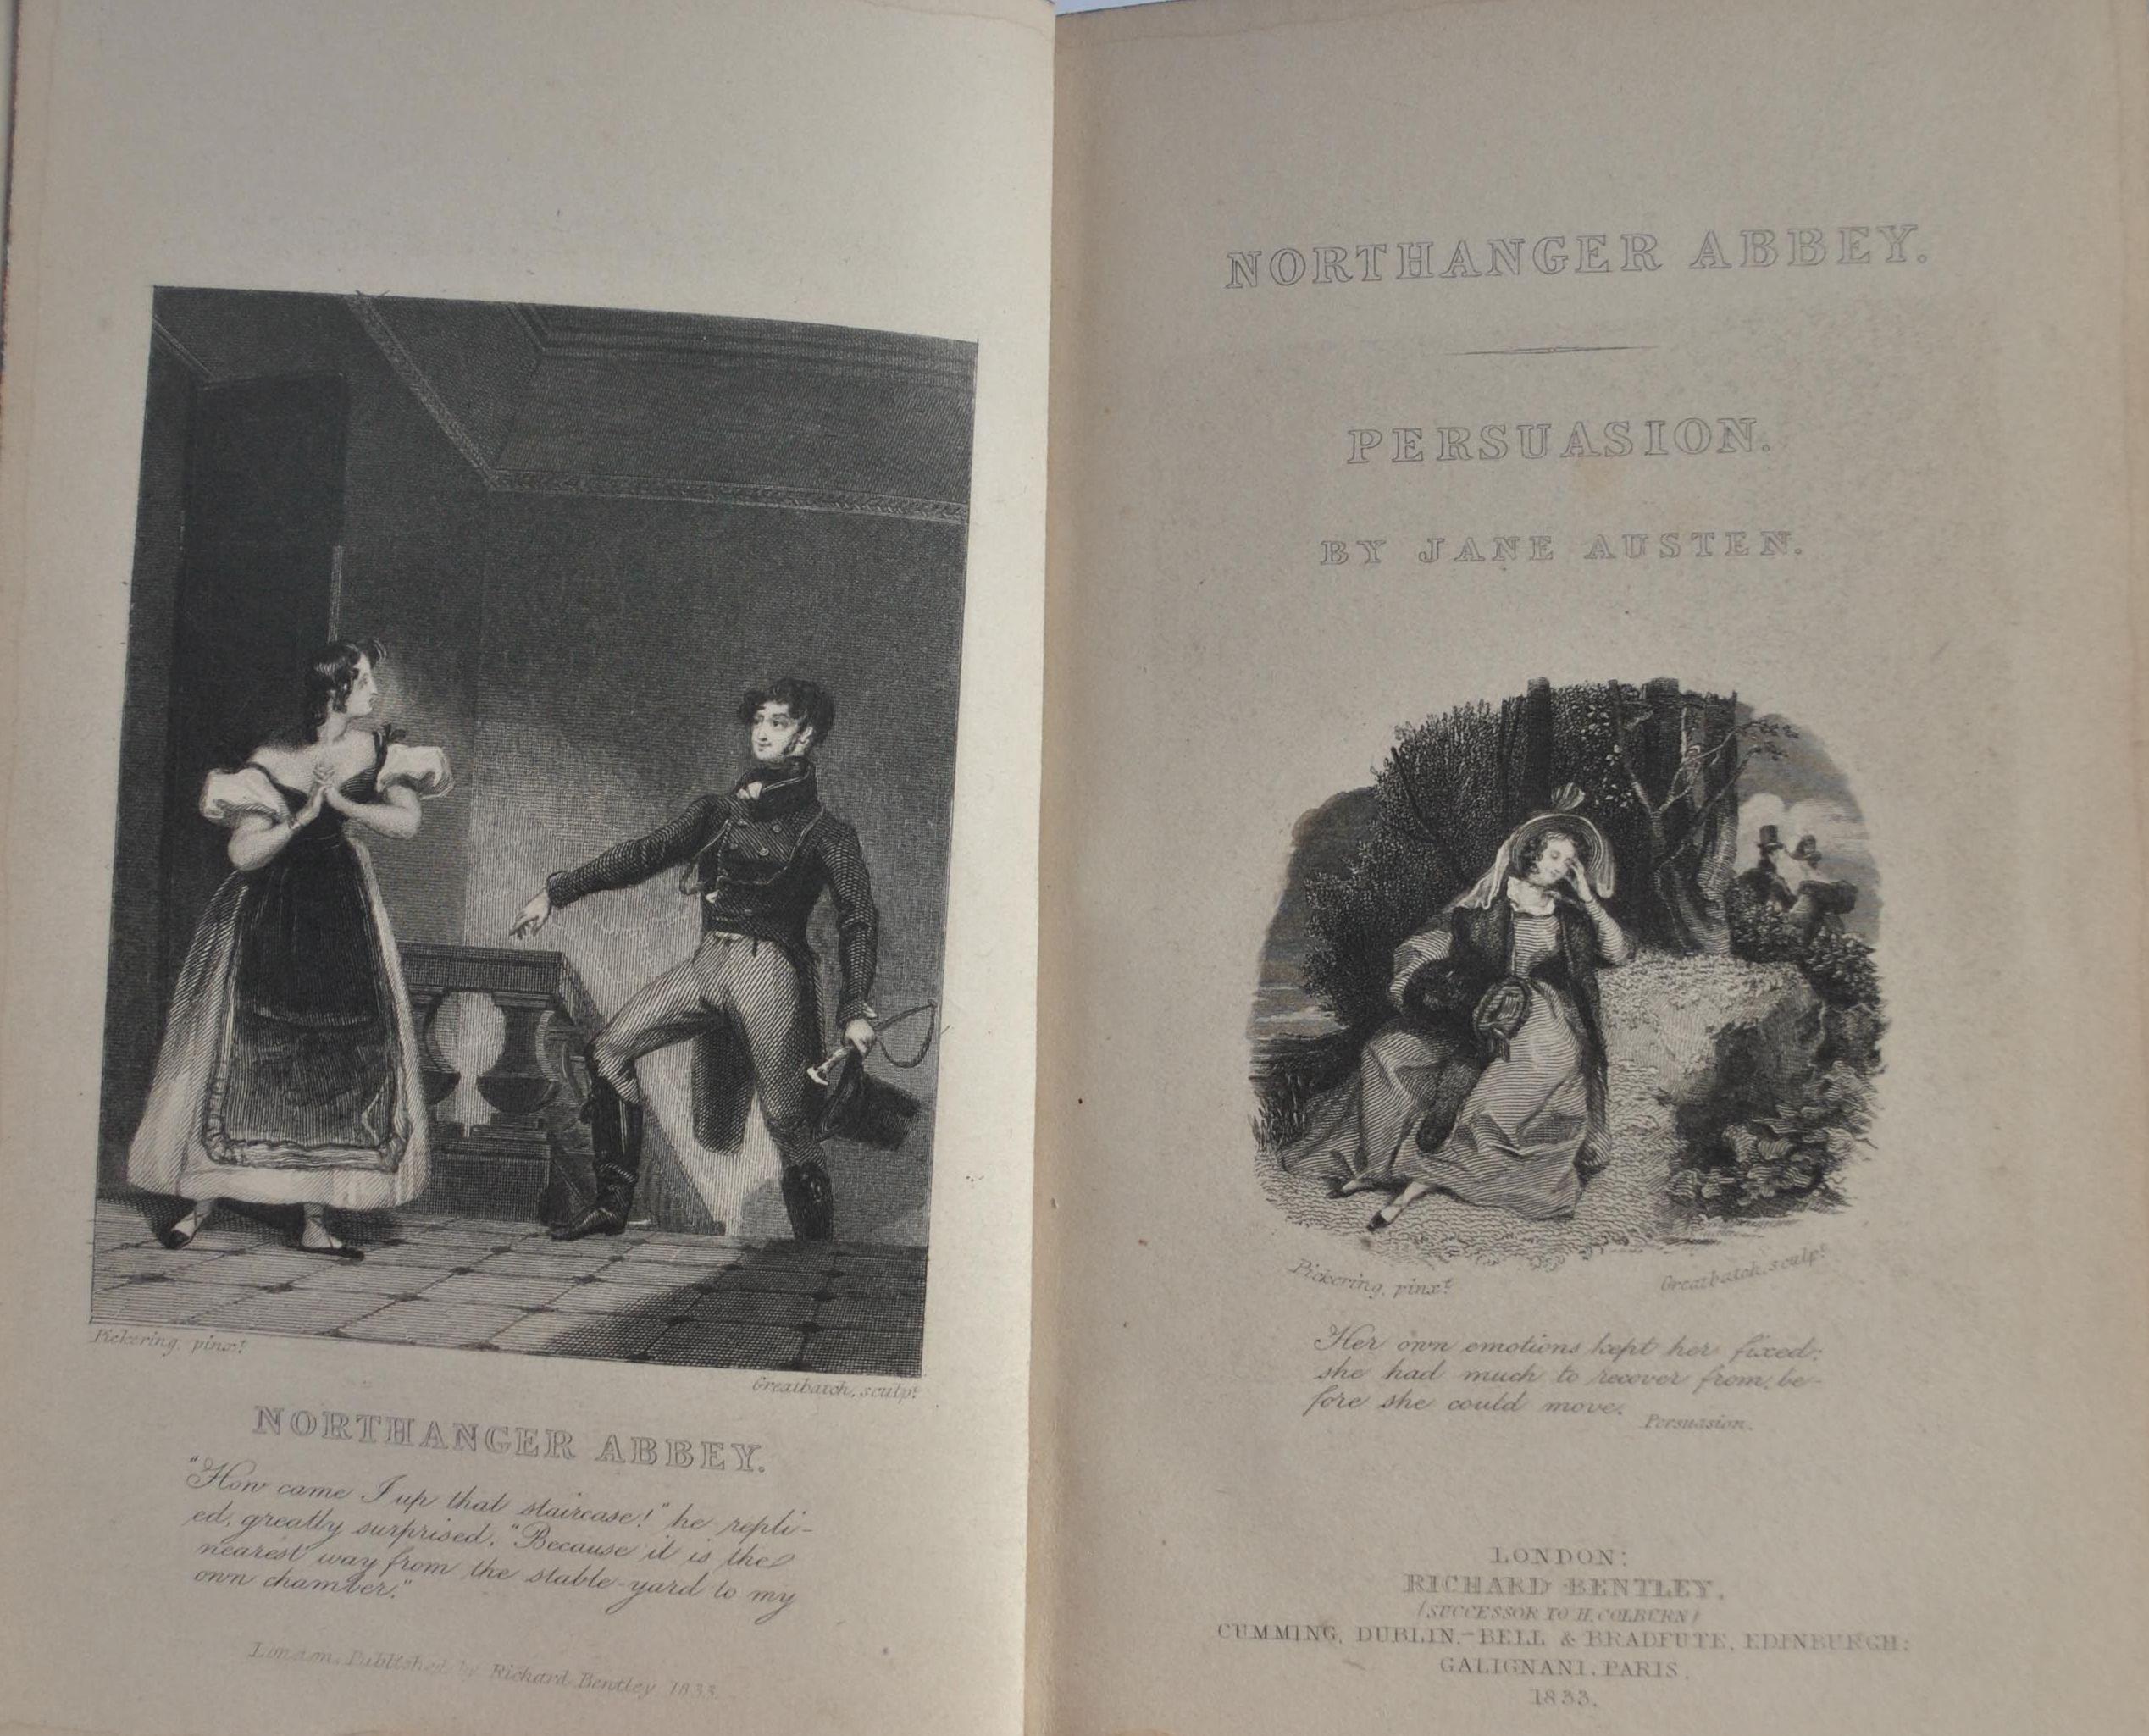 NA P Bentley 1833